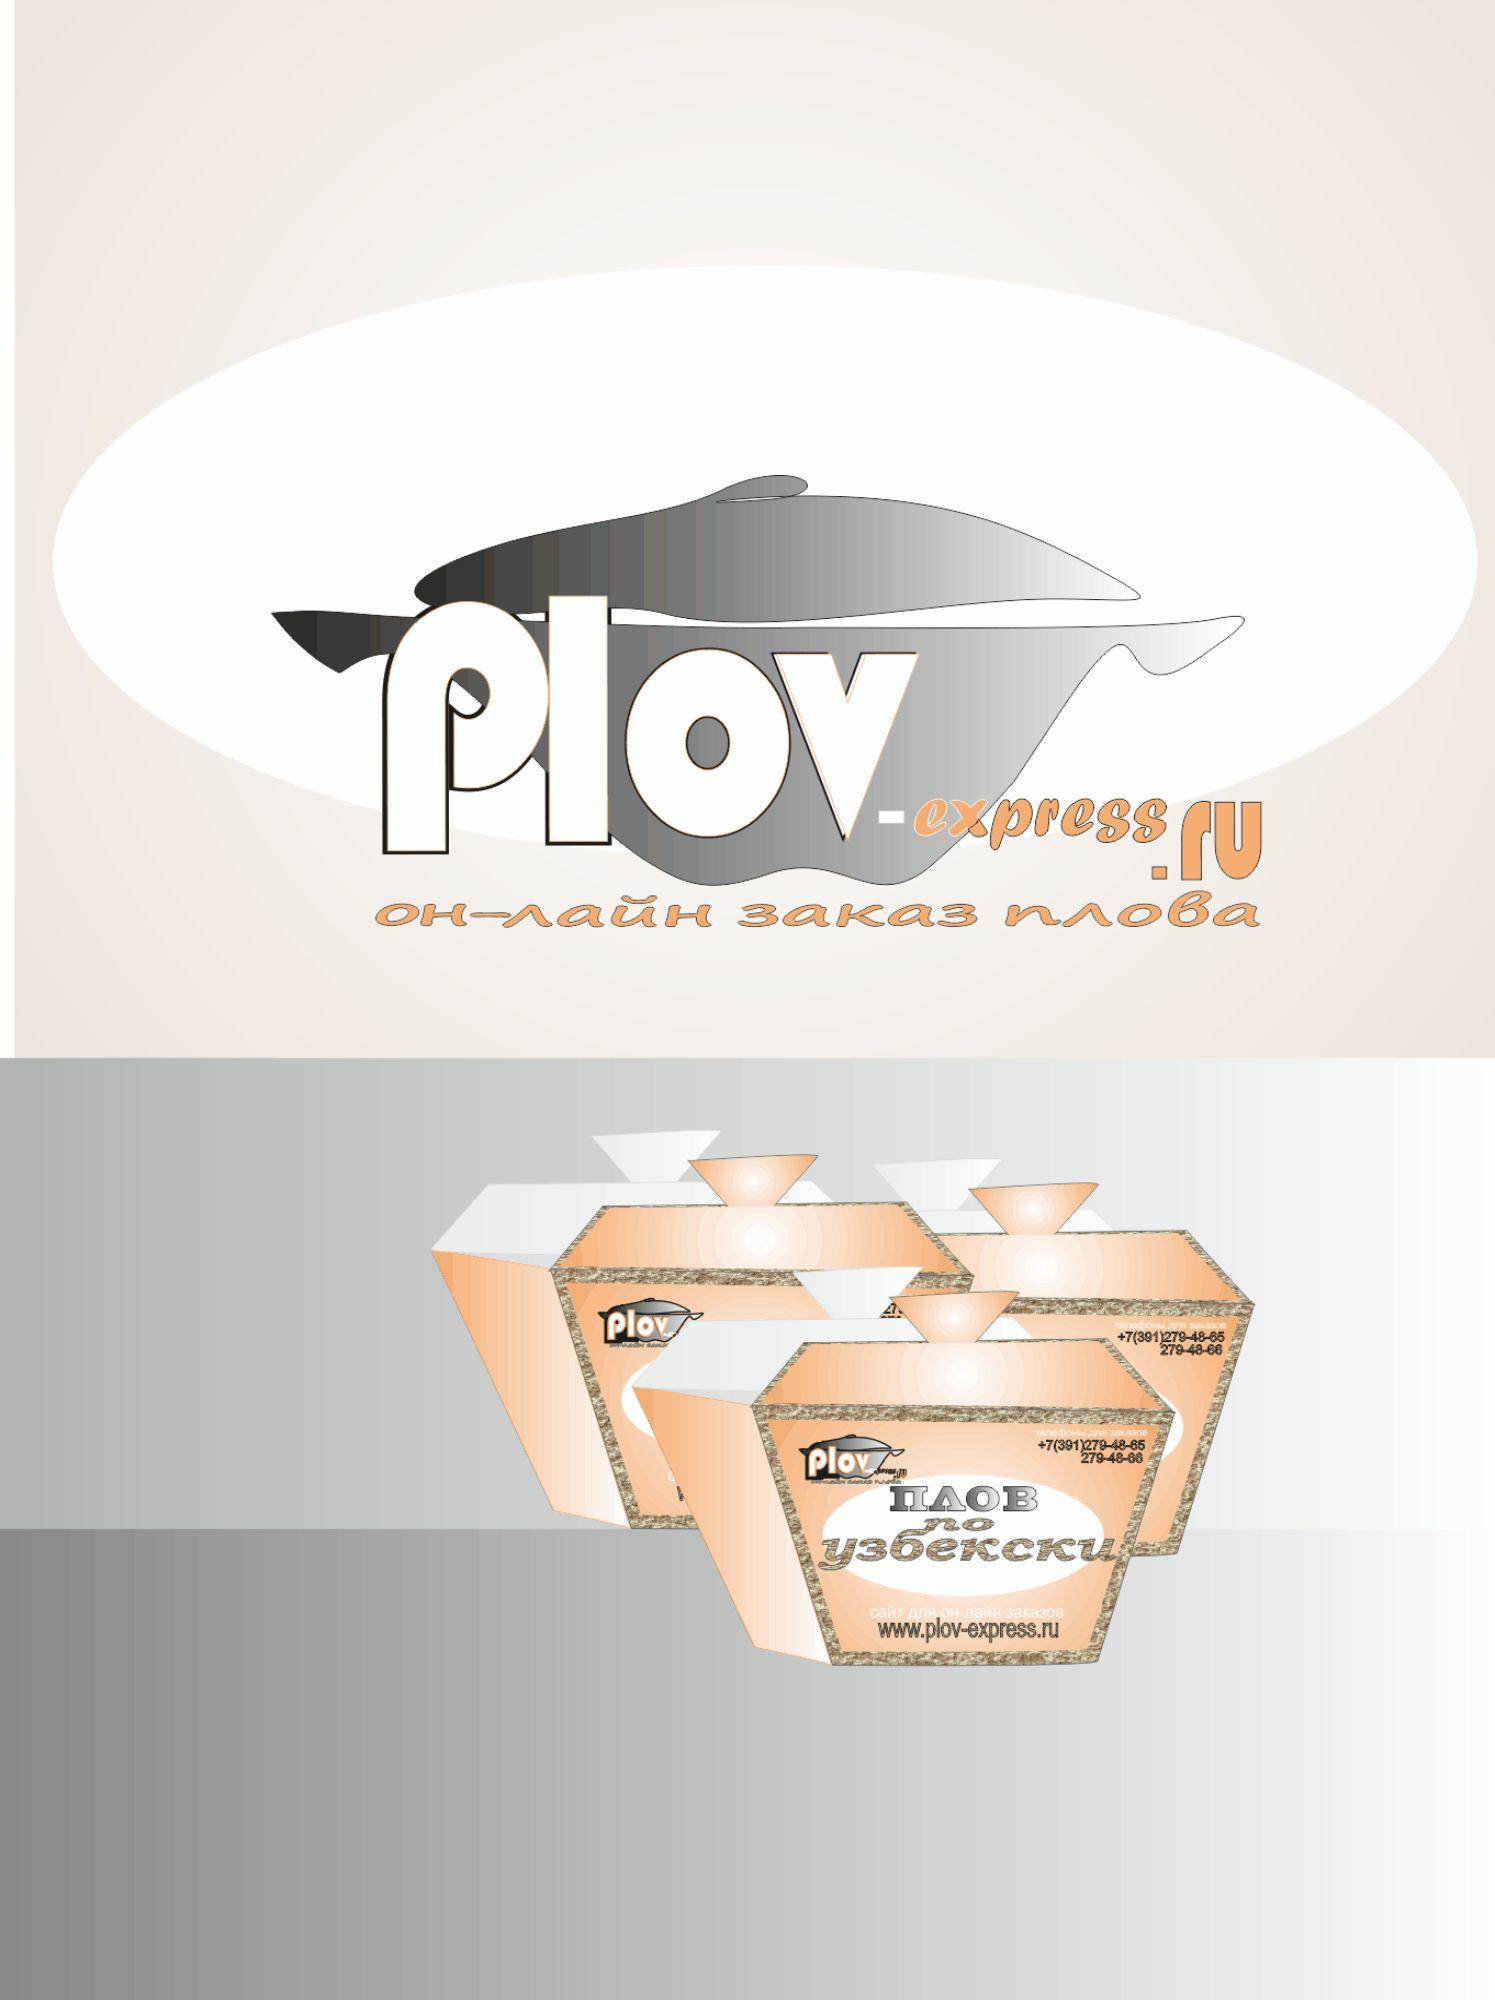 Лого и фирмстиль для сайта plov-express.ru - дизайнер cfaehf199